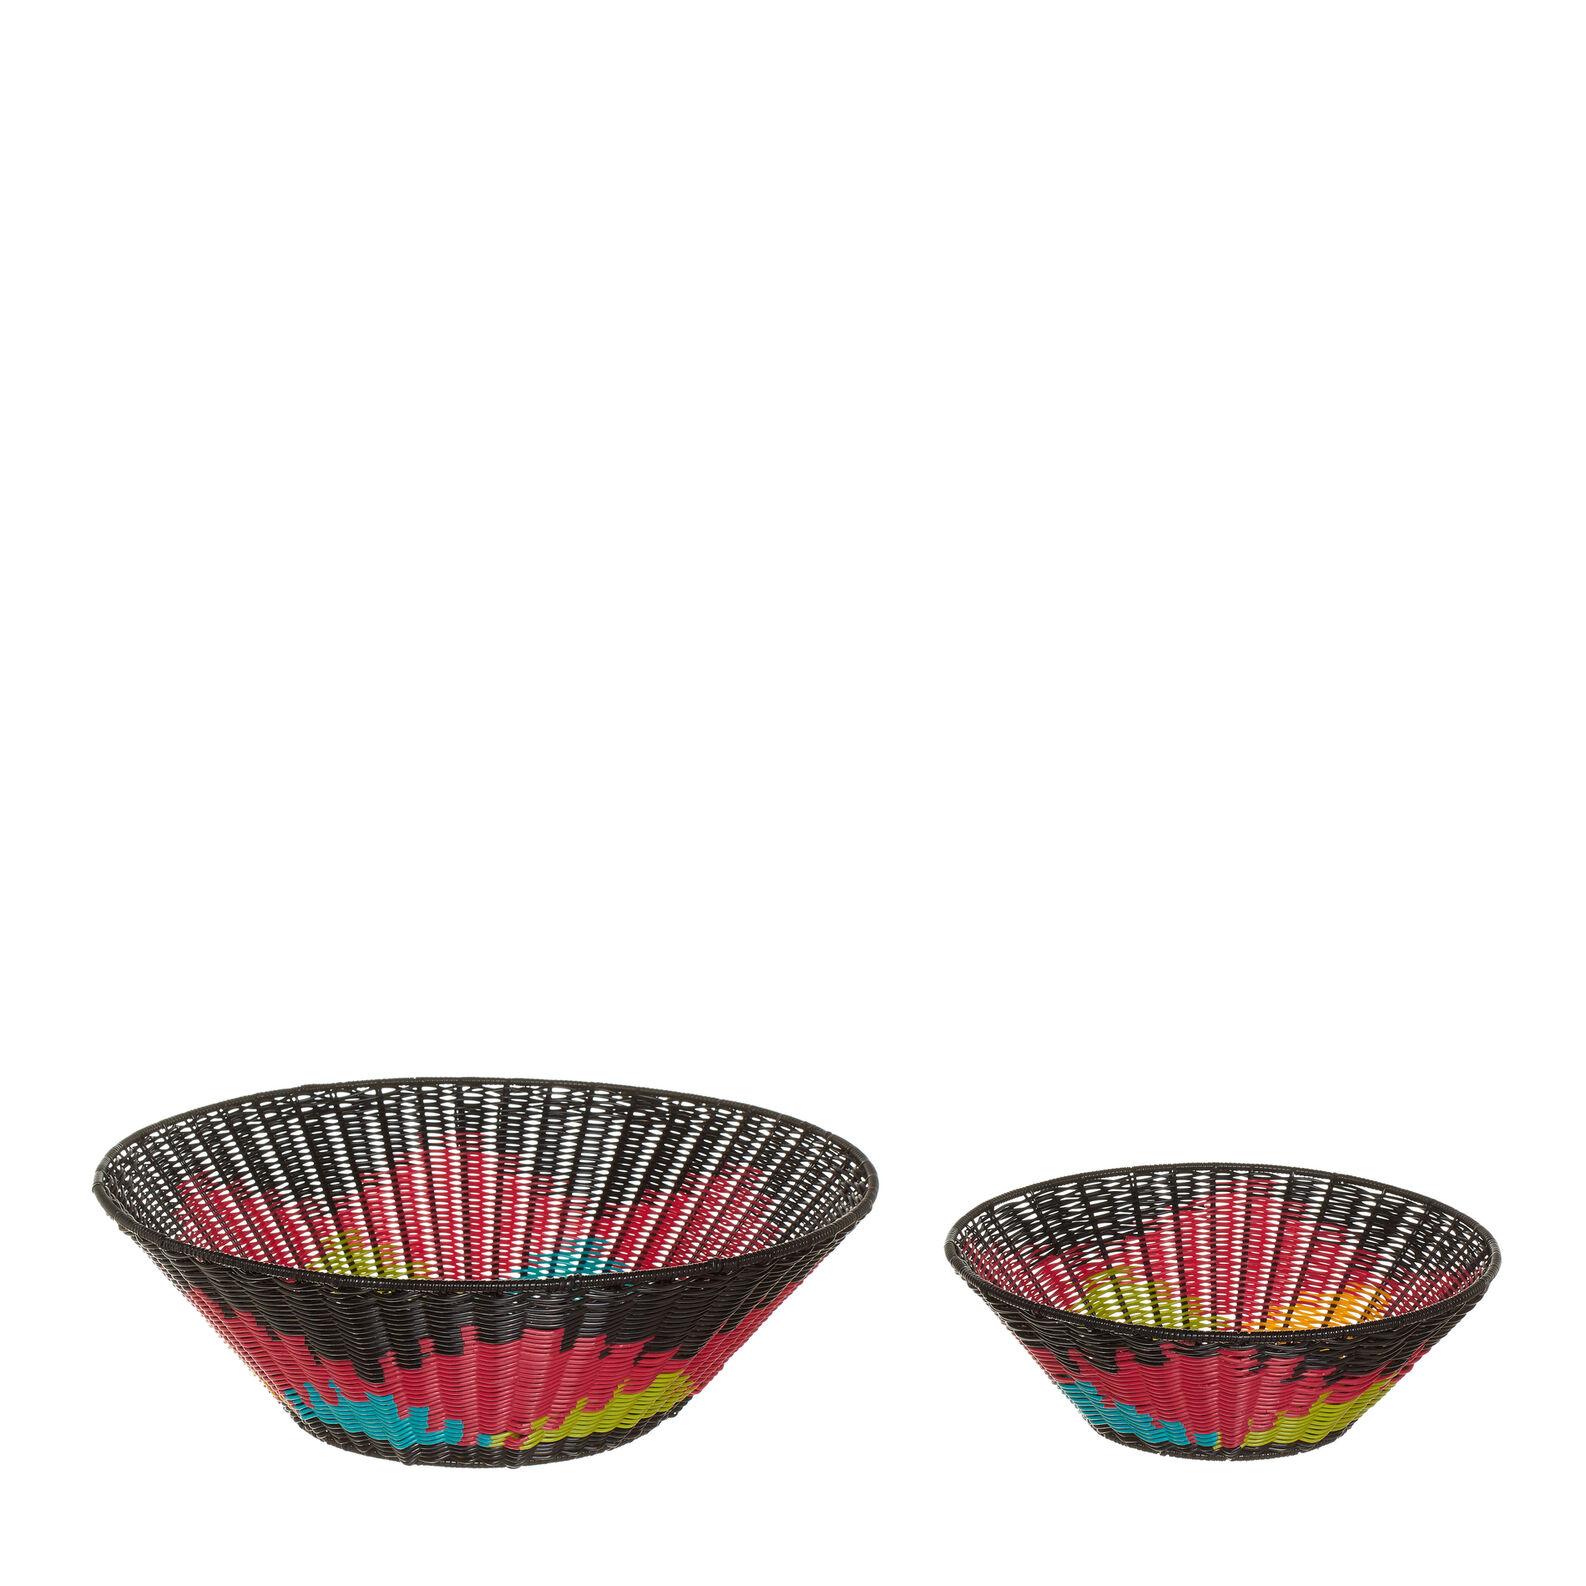 Multicoloured cane basket